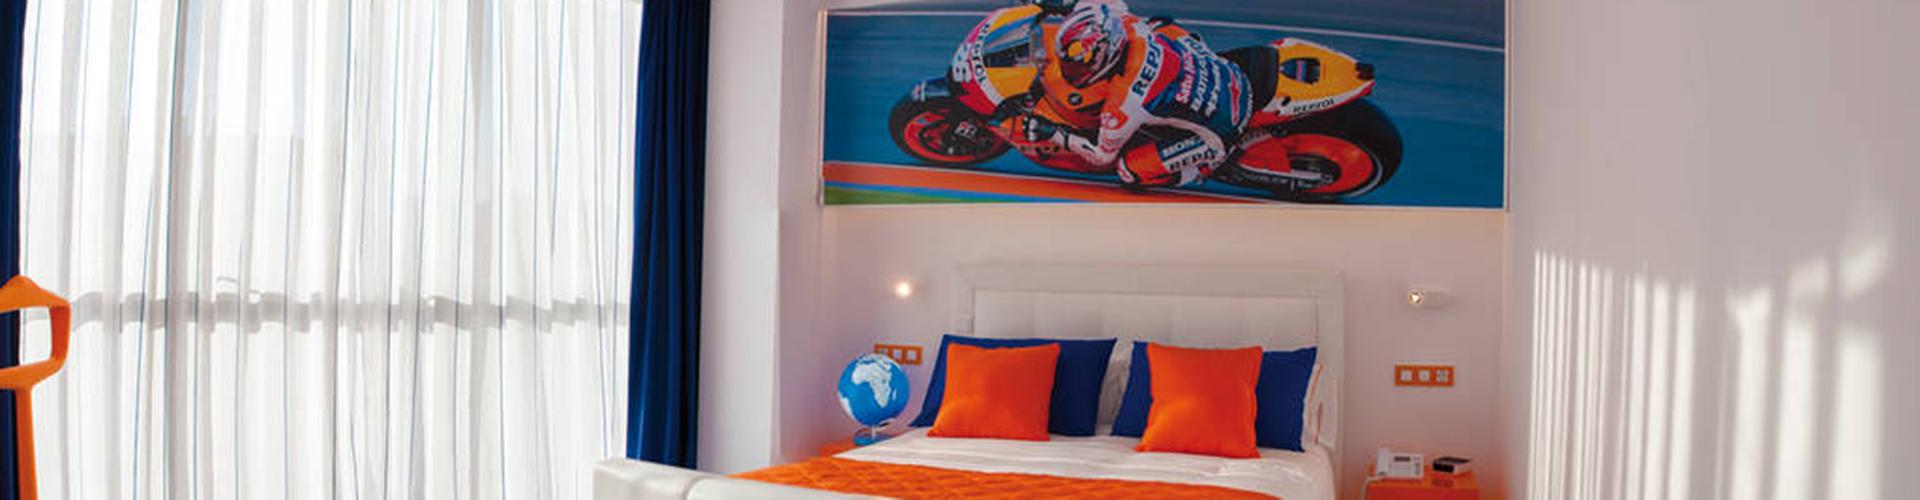 RESOTEL habitación moto